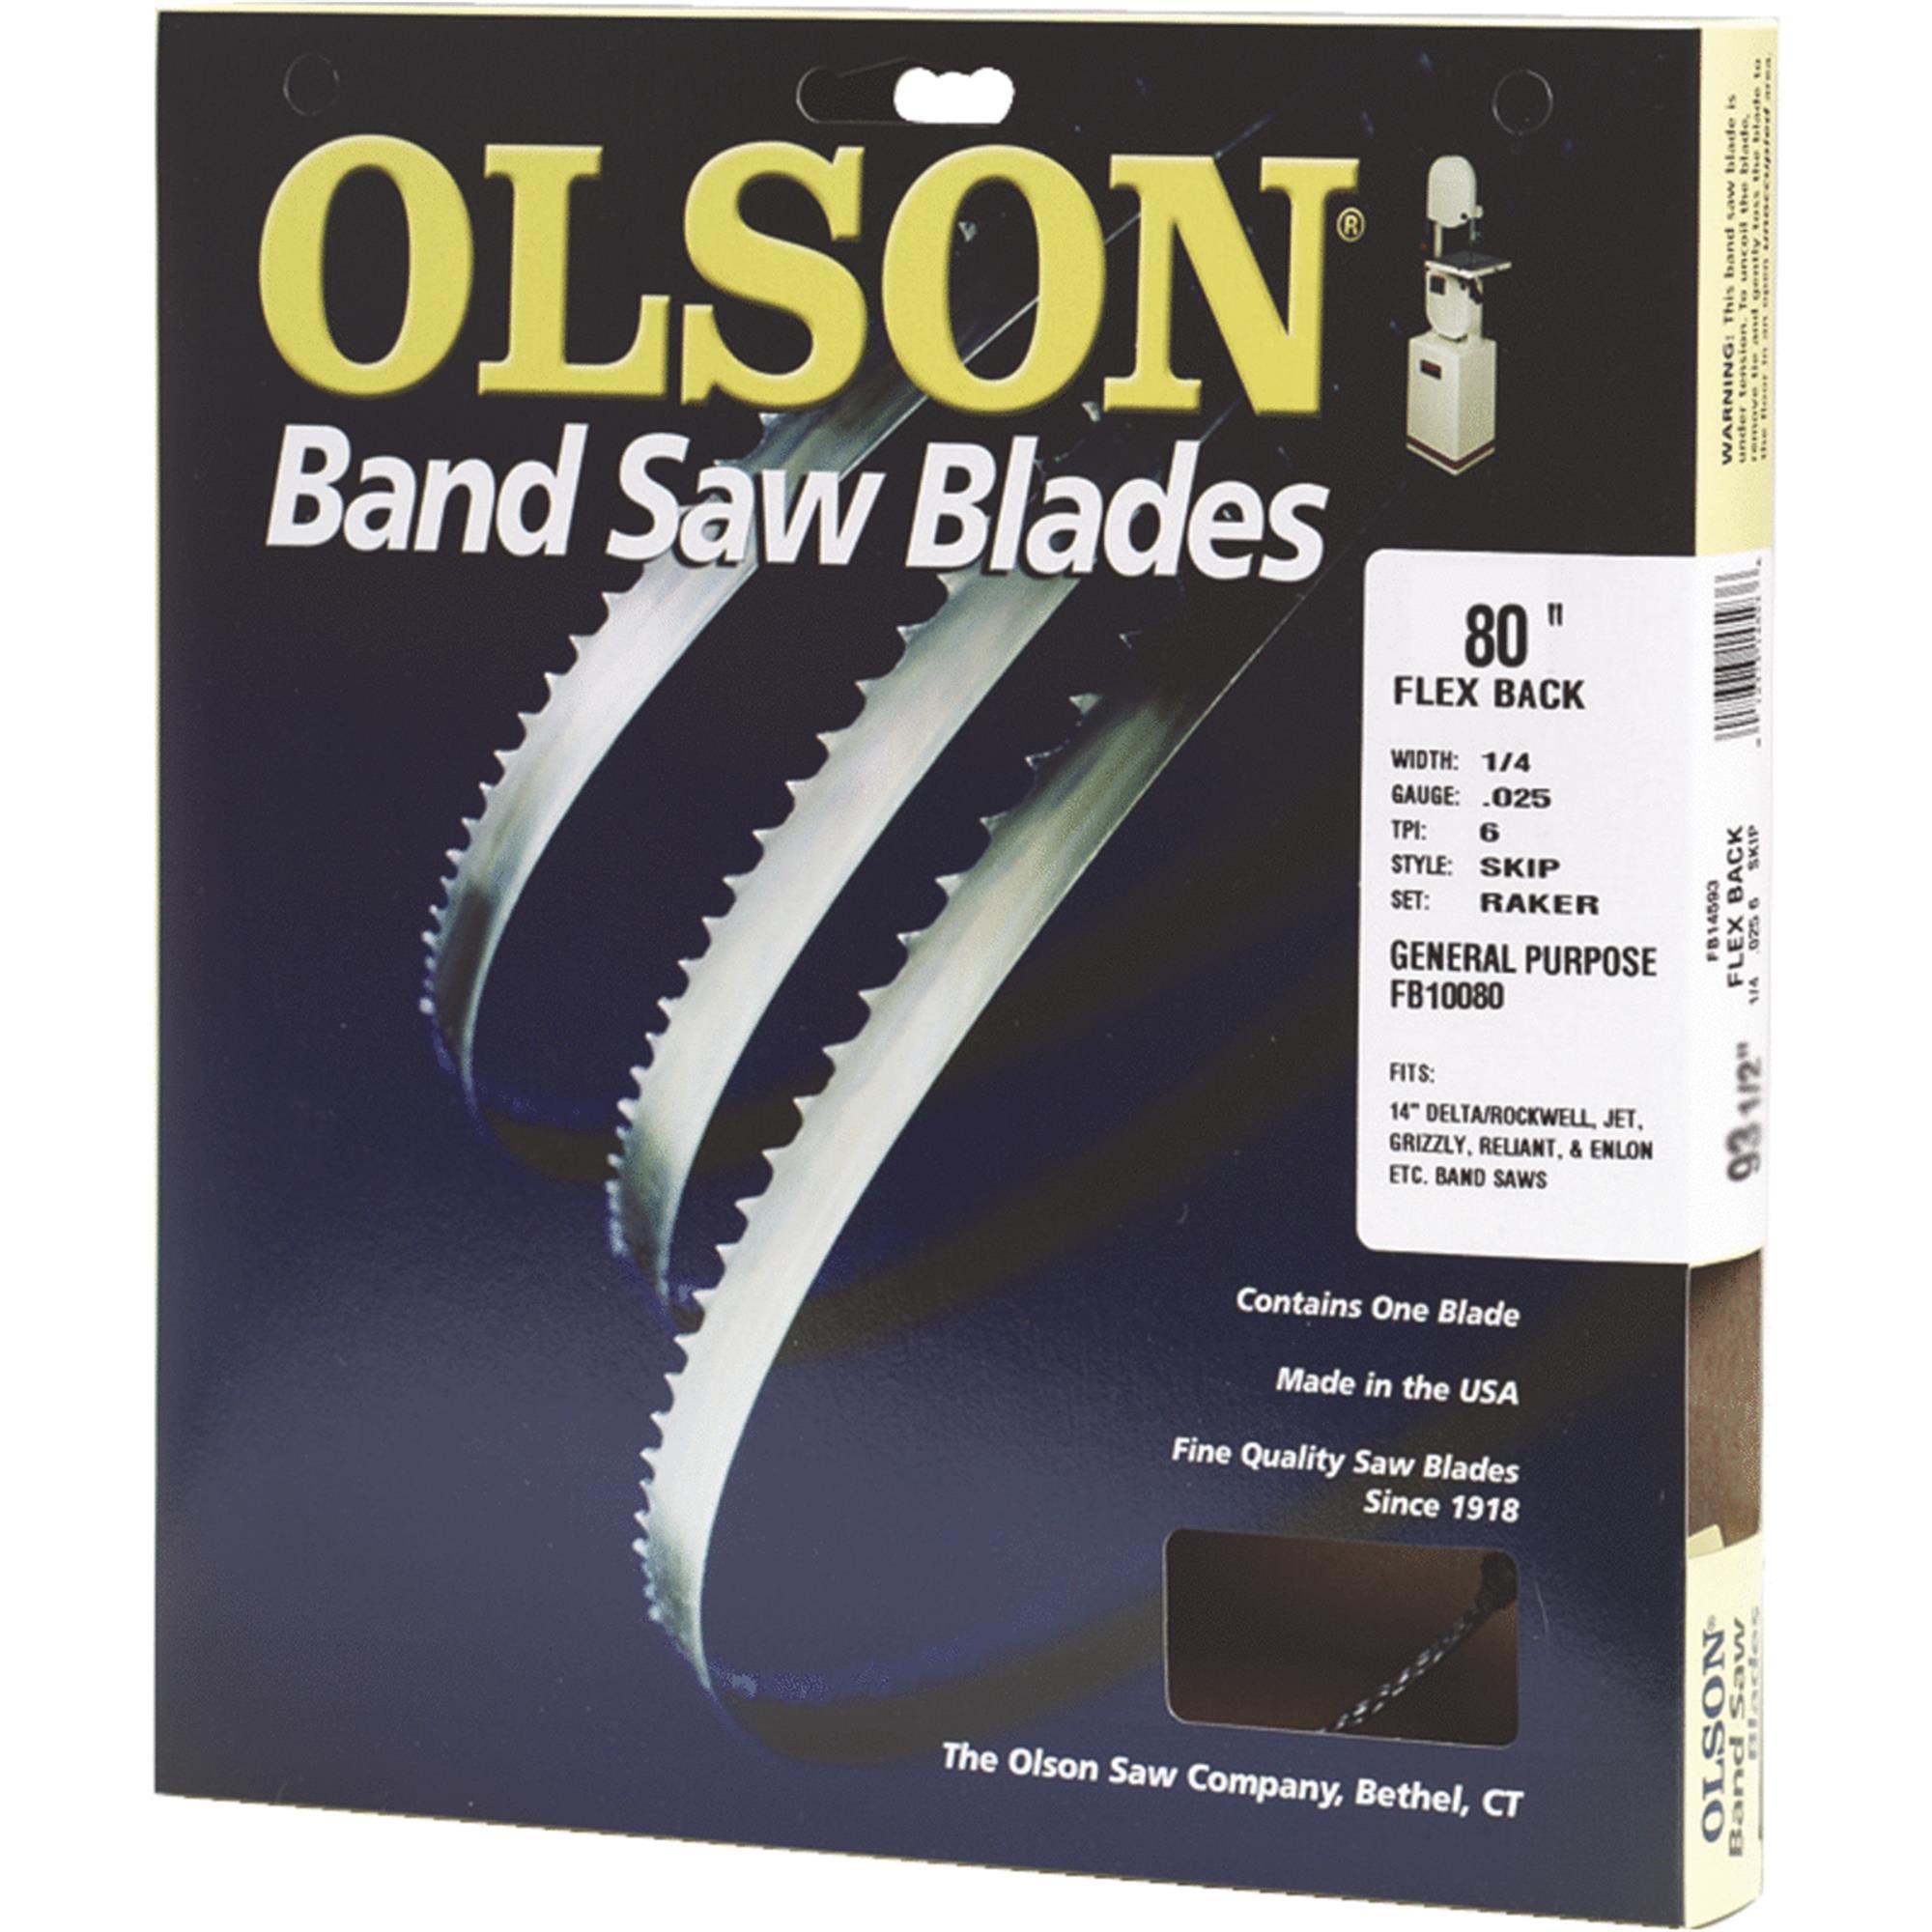 Olson Flex Back Band Saw Blade